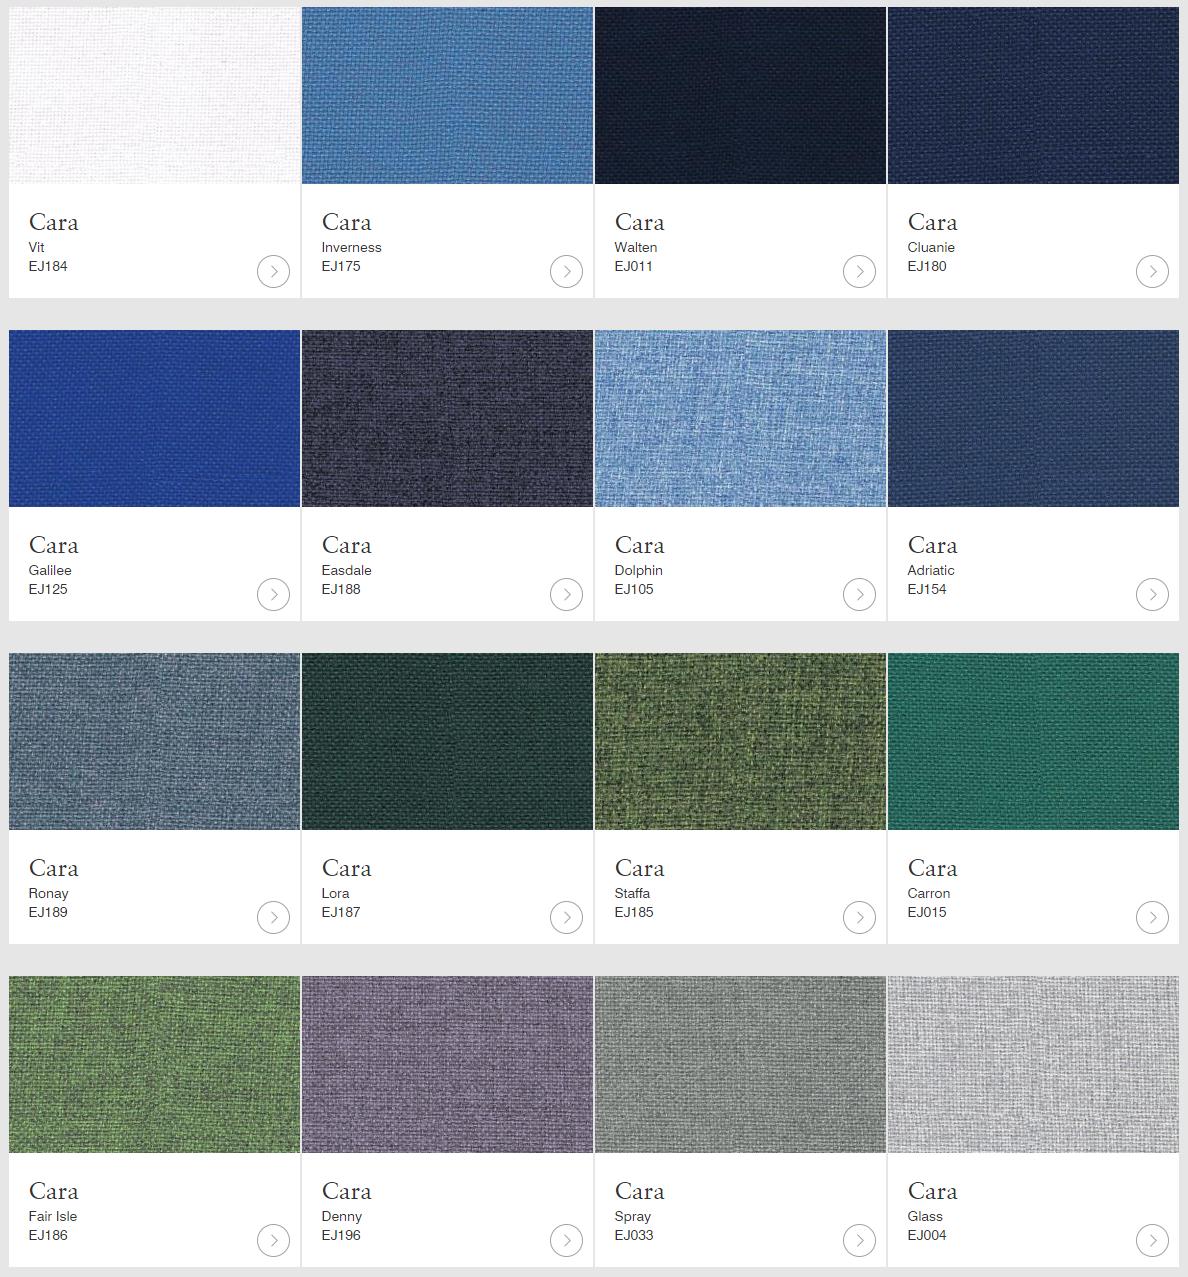 Camira Cara textilkulörer för skärmväggar